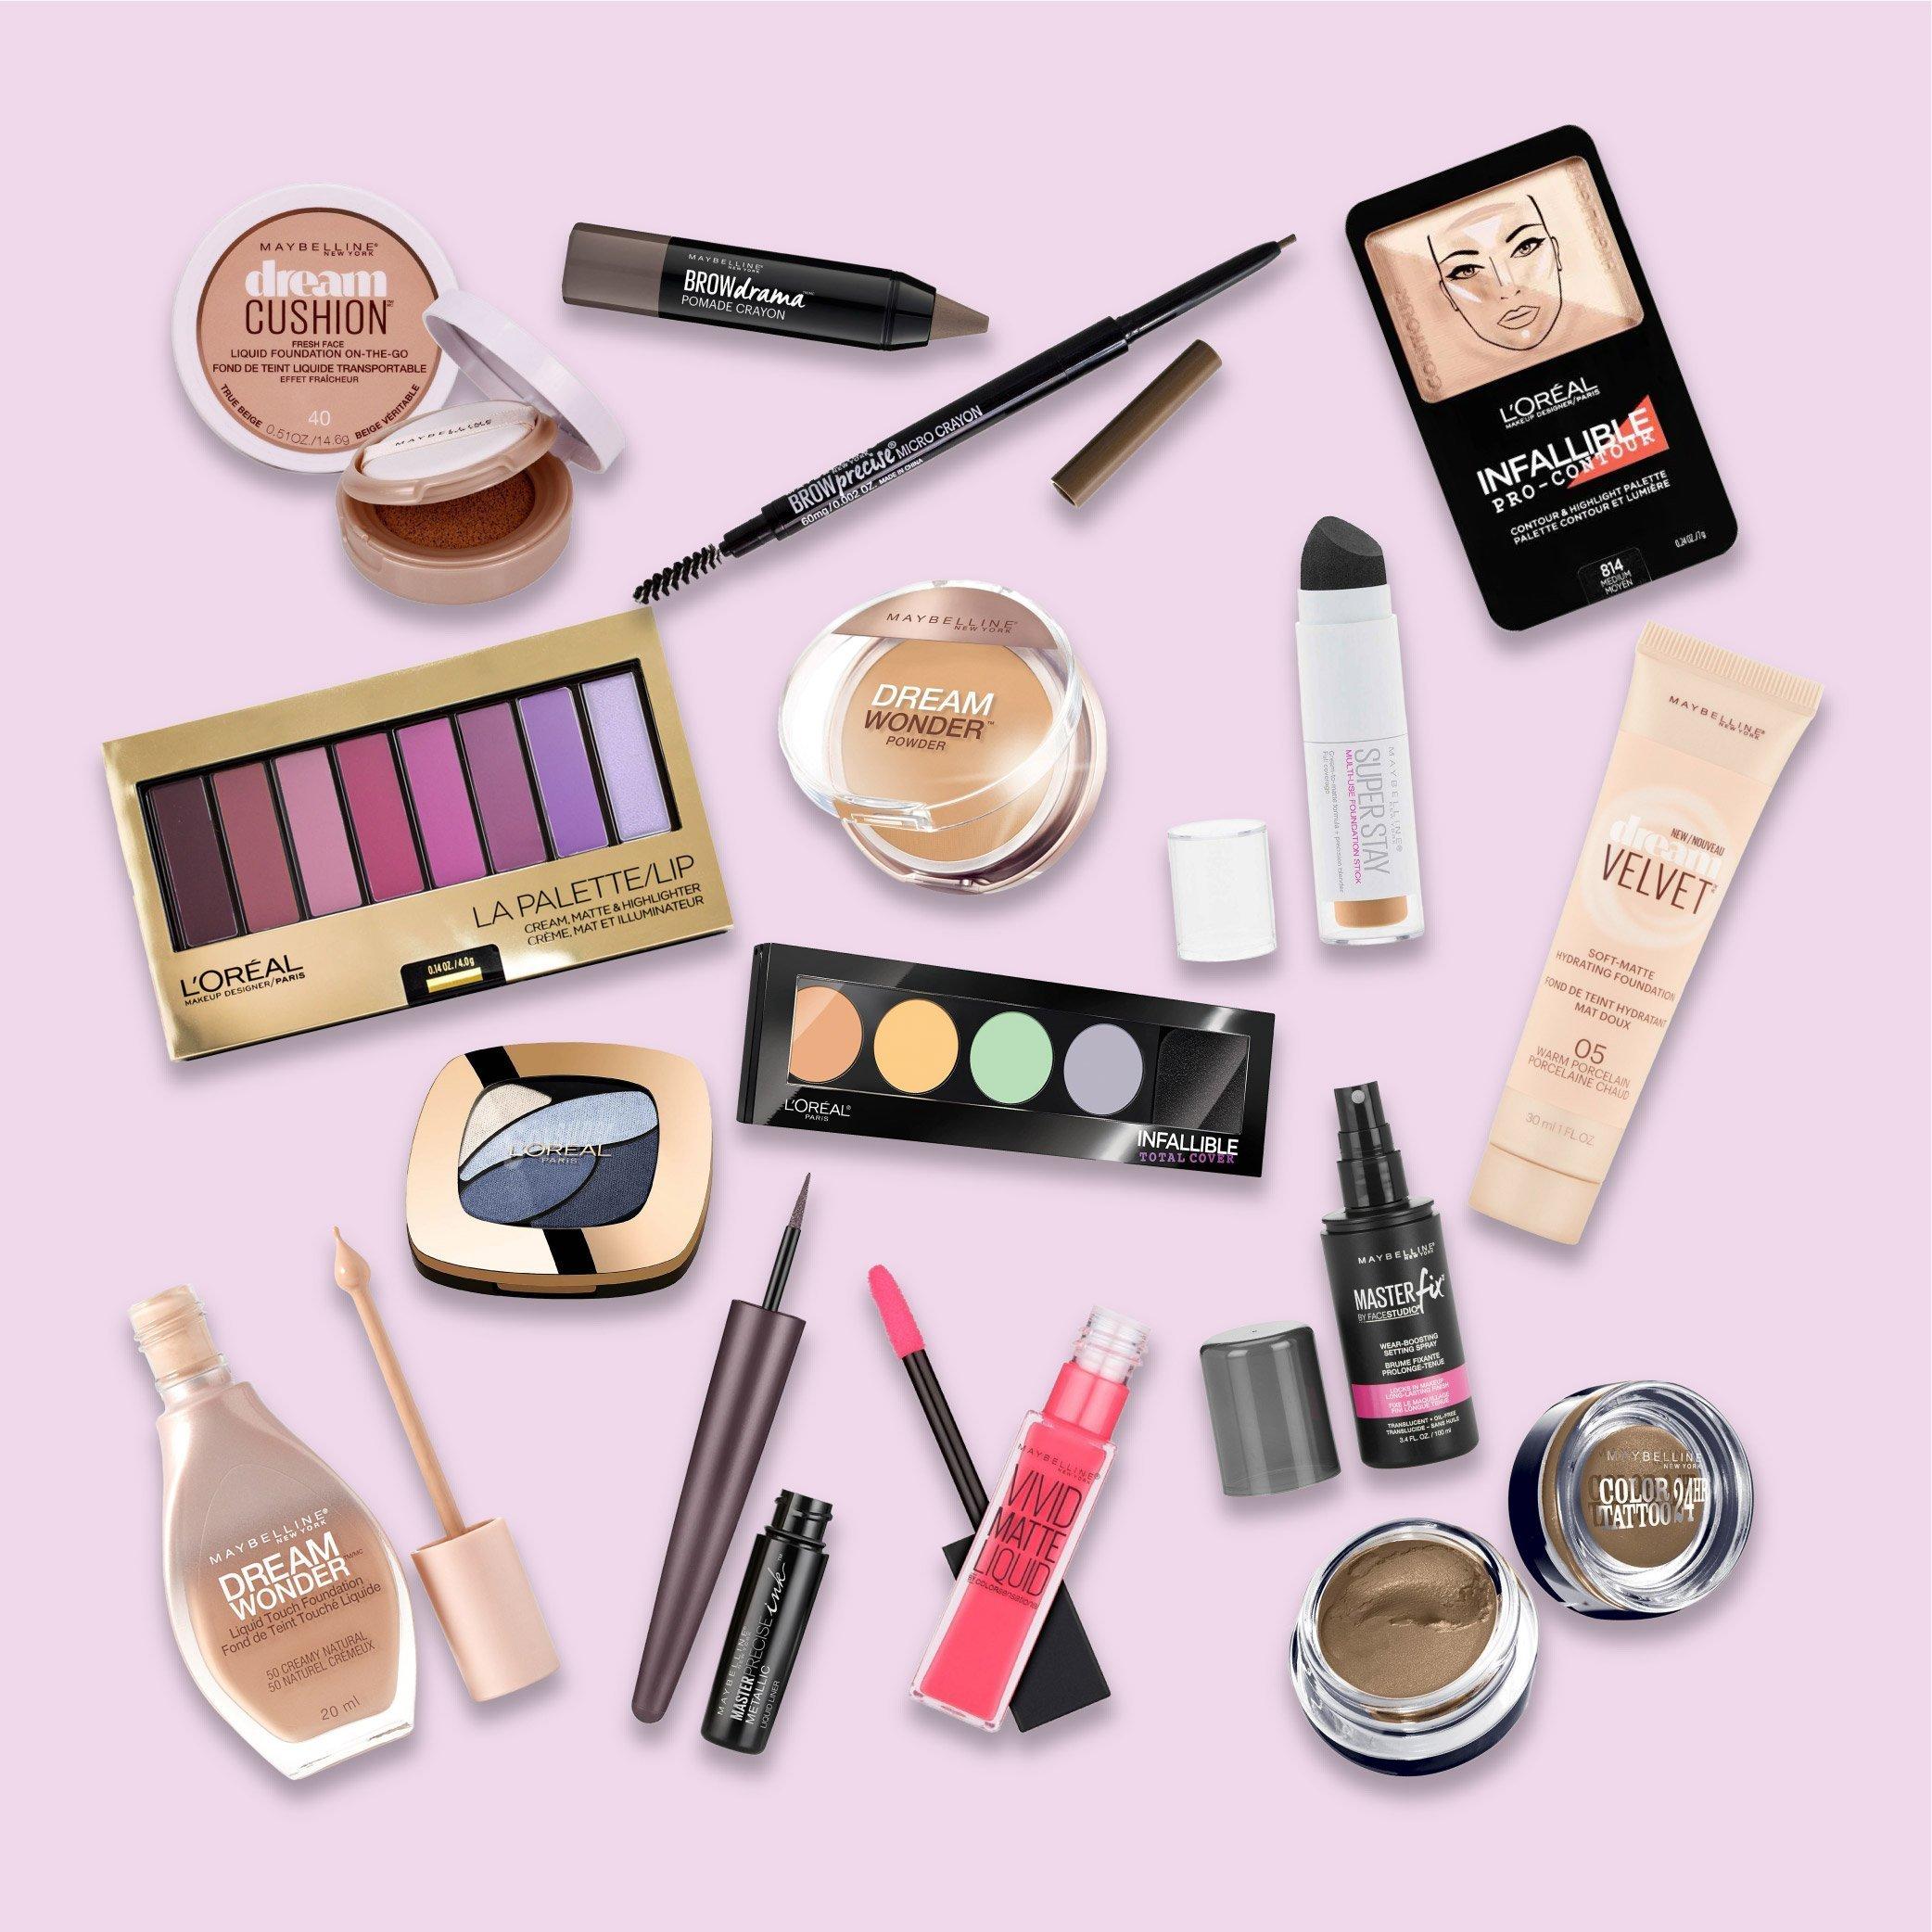 Una colección de bases, crayones de pomada, contornos y paletas de sombras de ojos de Maybelline y L'Oréal sobre un fondo rosa.